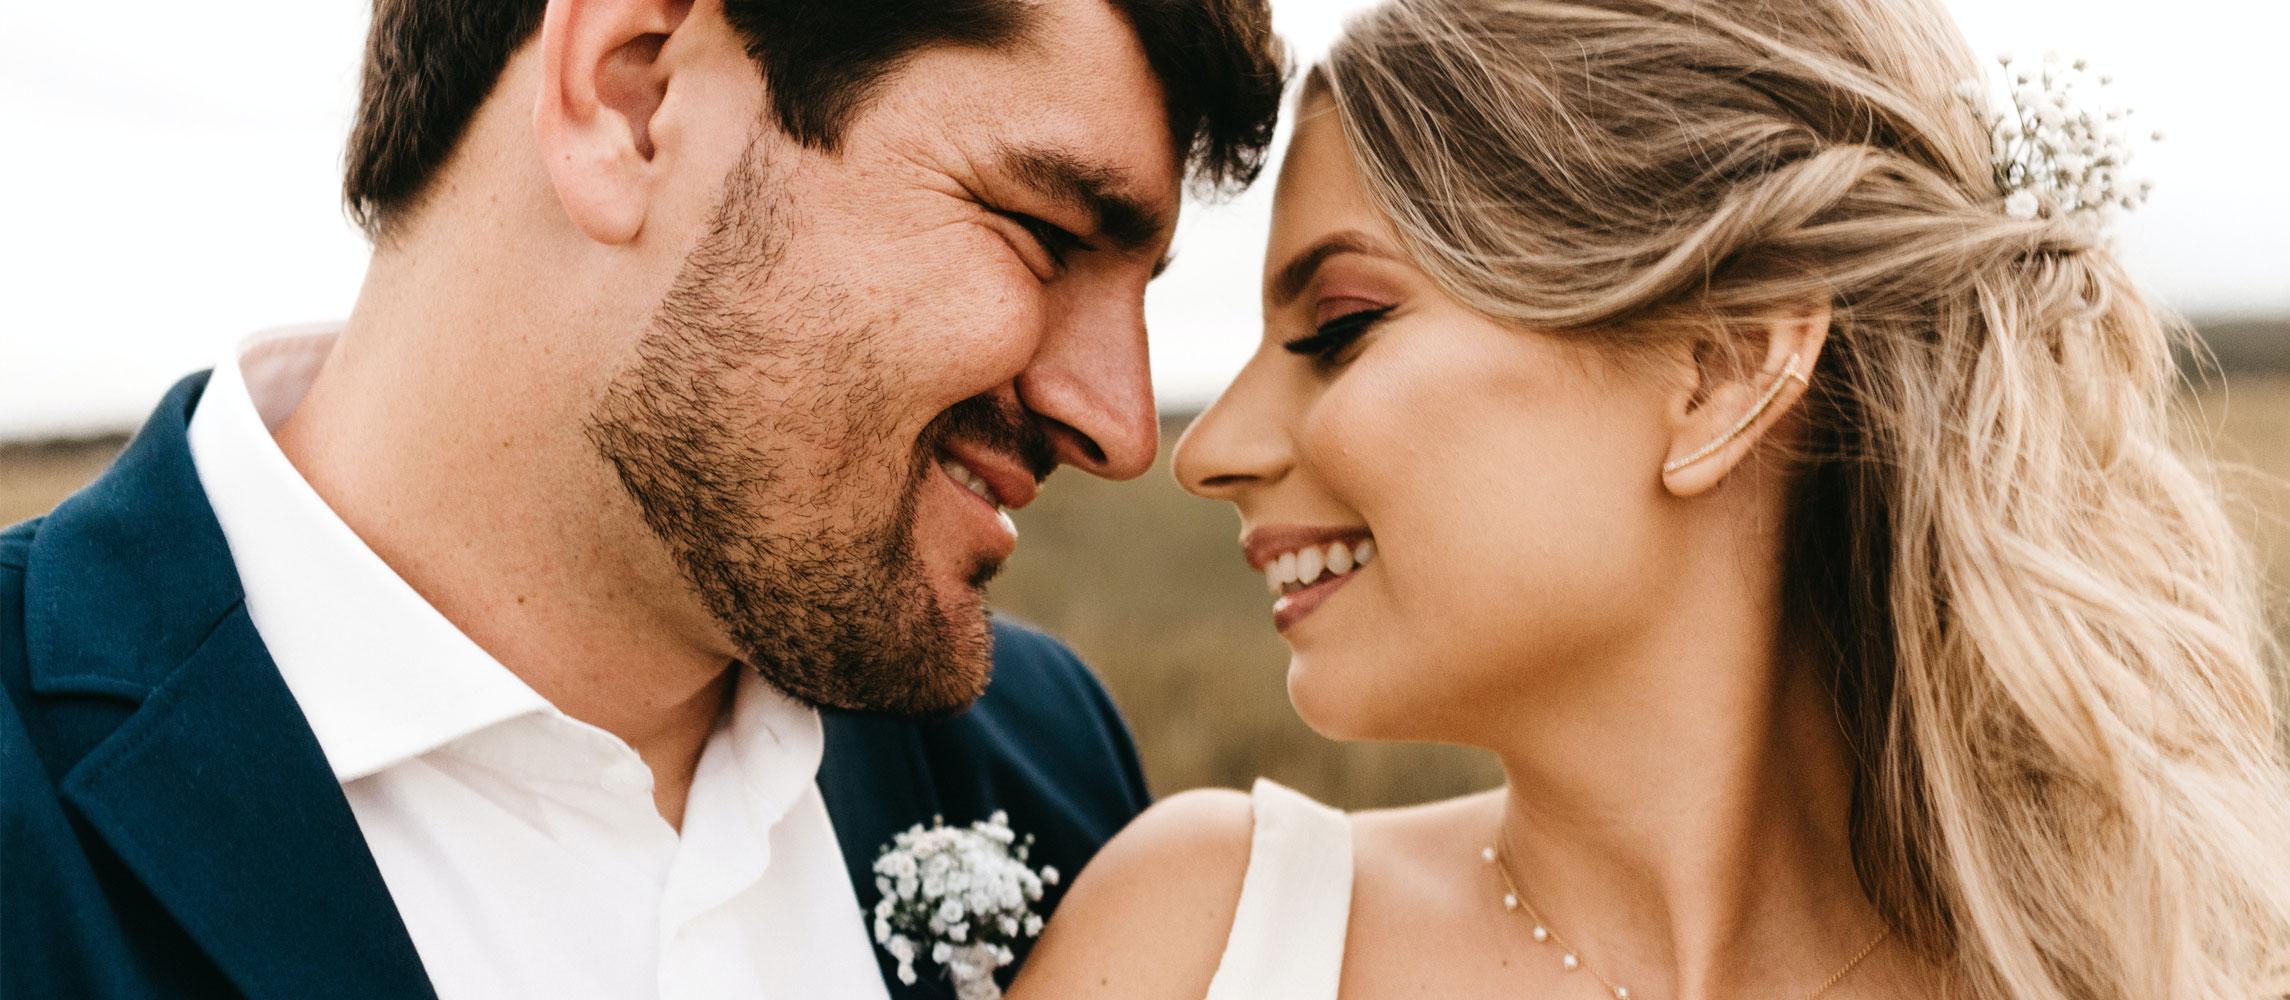 verliebtes Brautpaar mit Trauringen